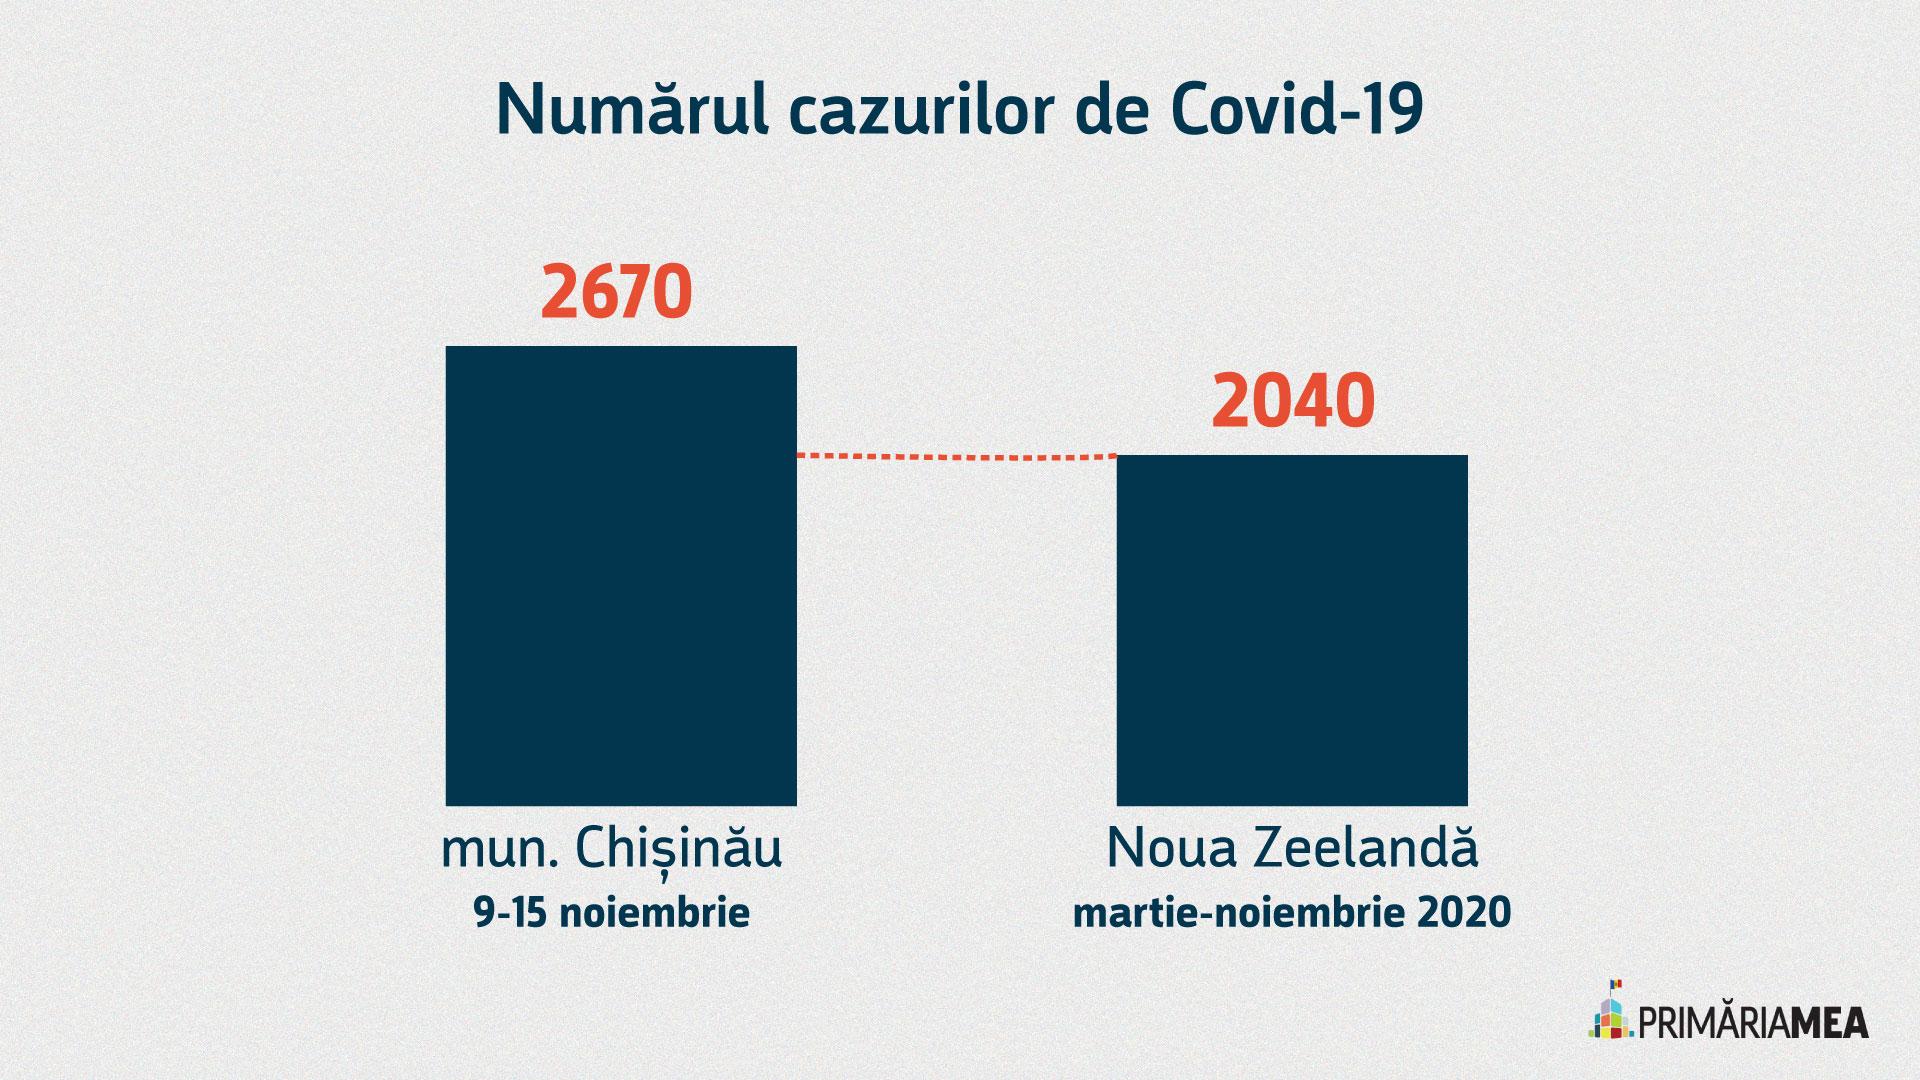 Infografic: comparația cazurilor de COVID-19 în mun. Chișinău și Noua Zeelandă, pe perioade diferite. Sursă: Primăria Mea